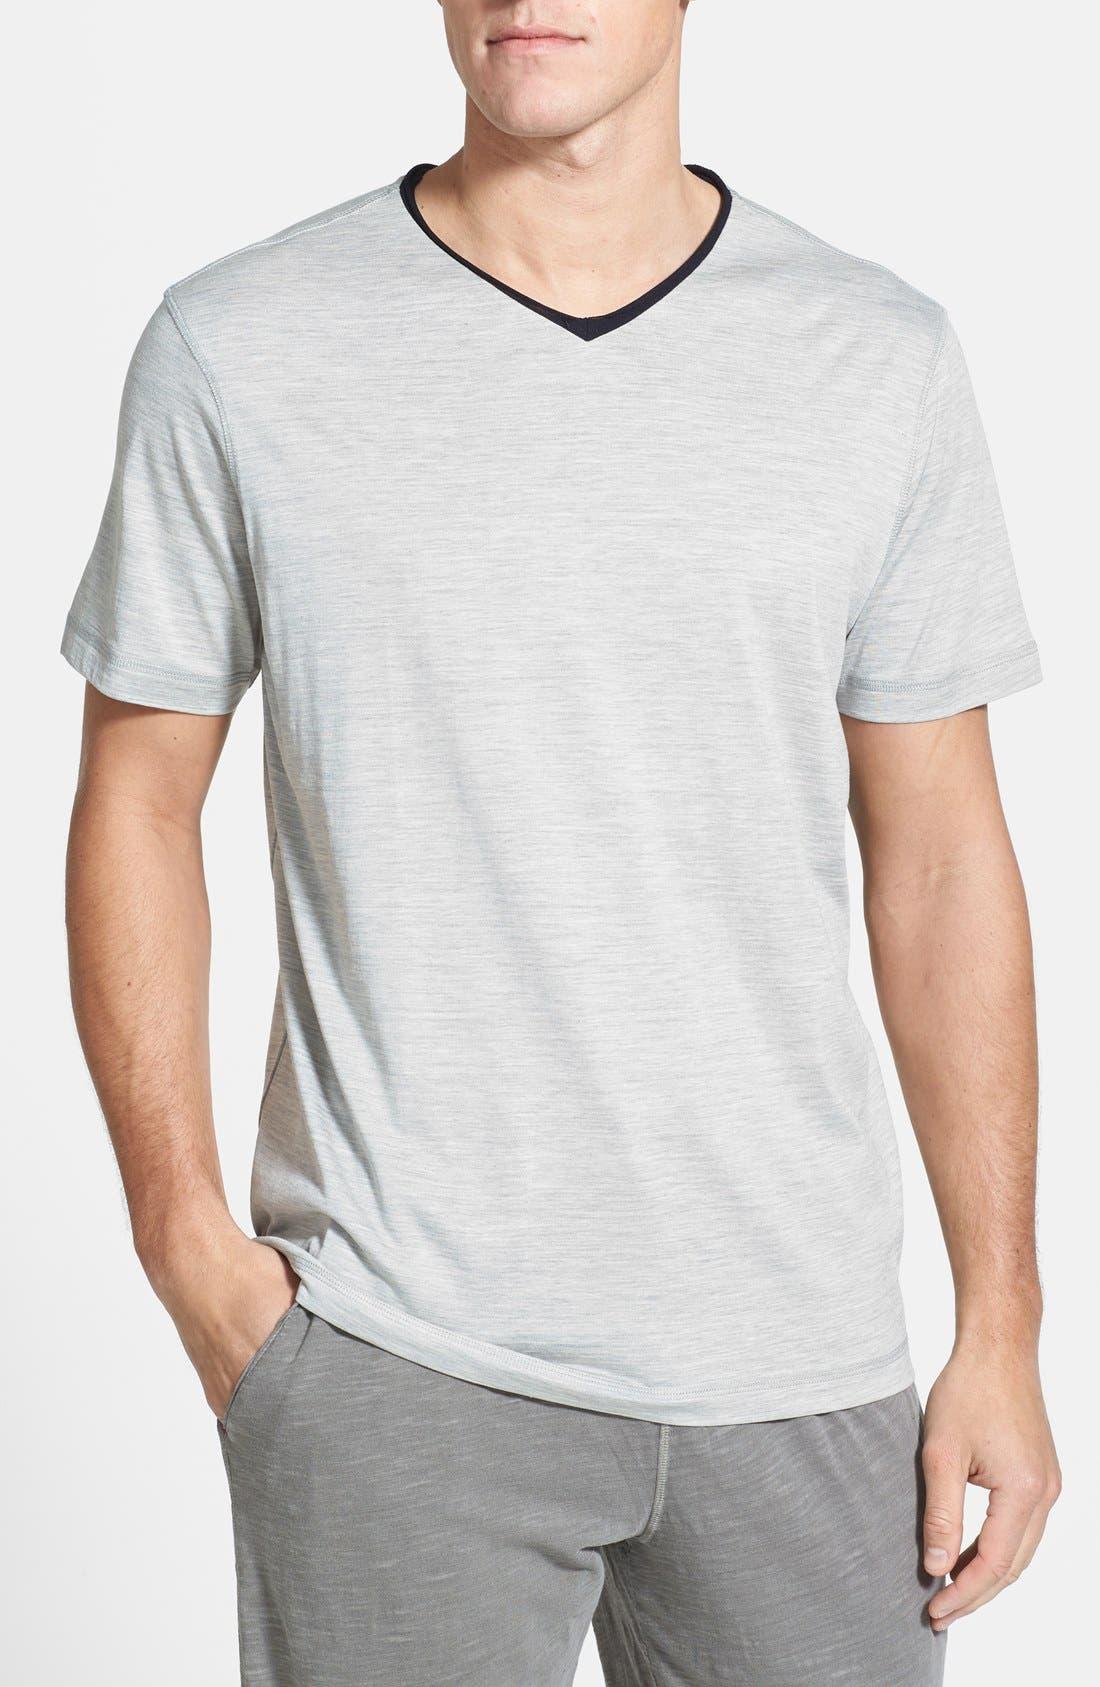 Alternate Image 1 Selected - Daniel Buchler Silk & Cotton V-Neck T-Shirt